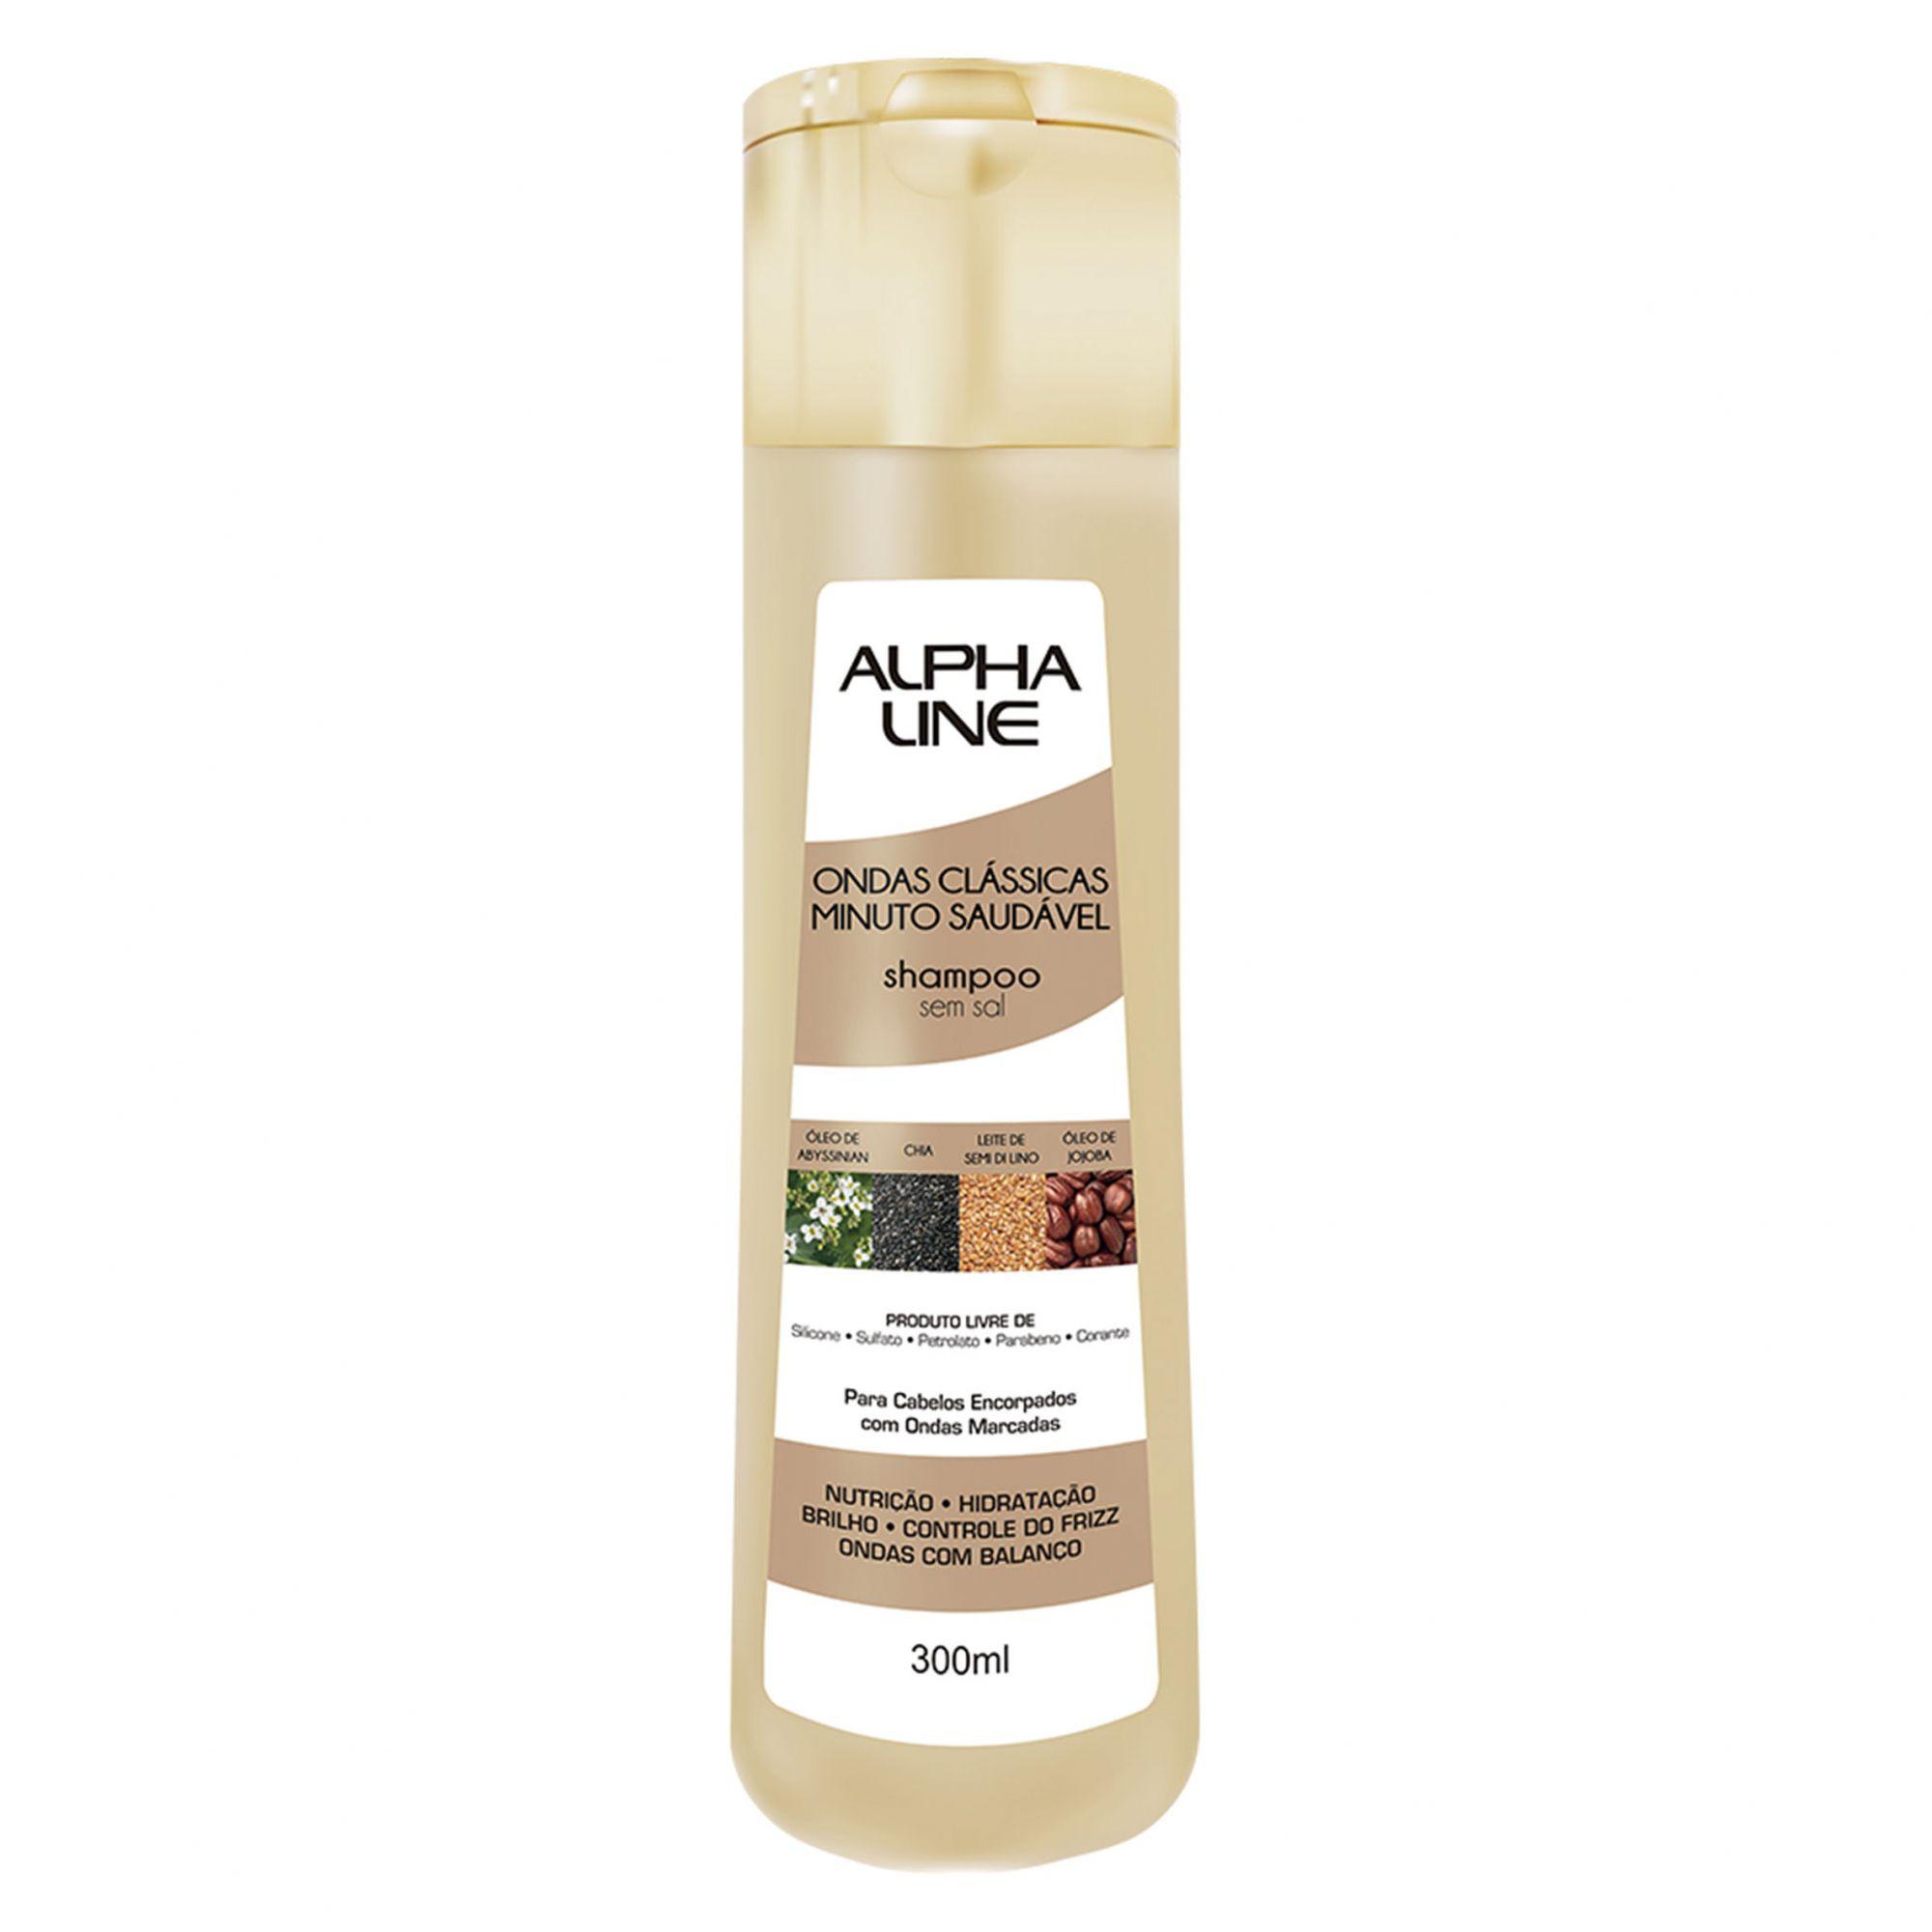 Alpha Line Shampoo Ondas Clássicas Minuto Saudável 300ml.